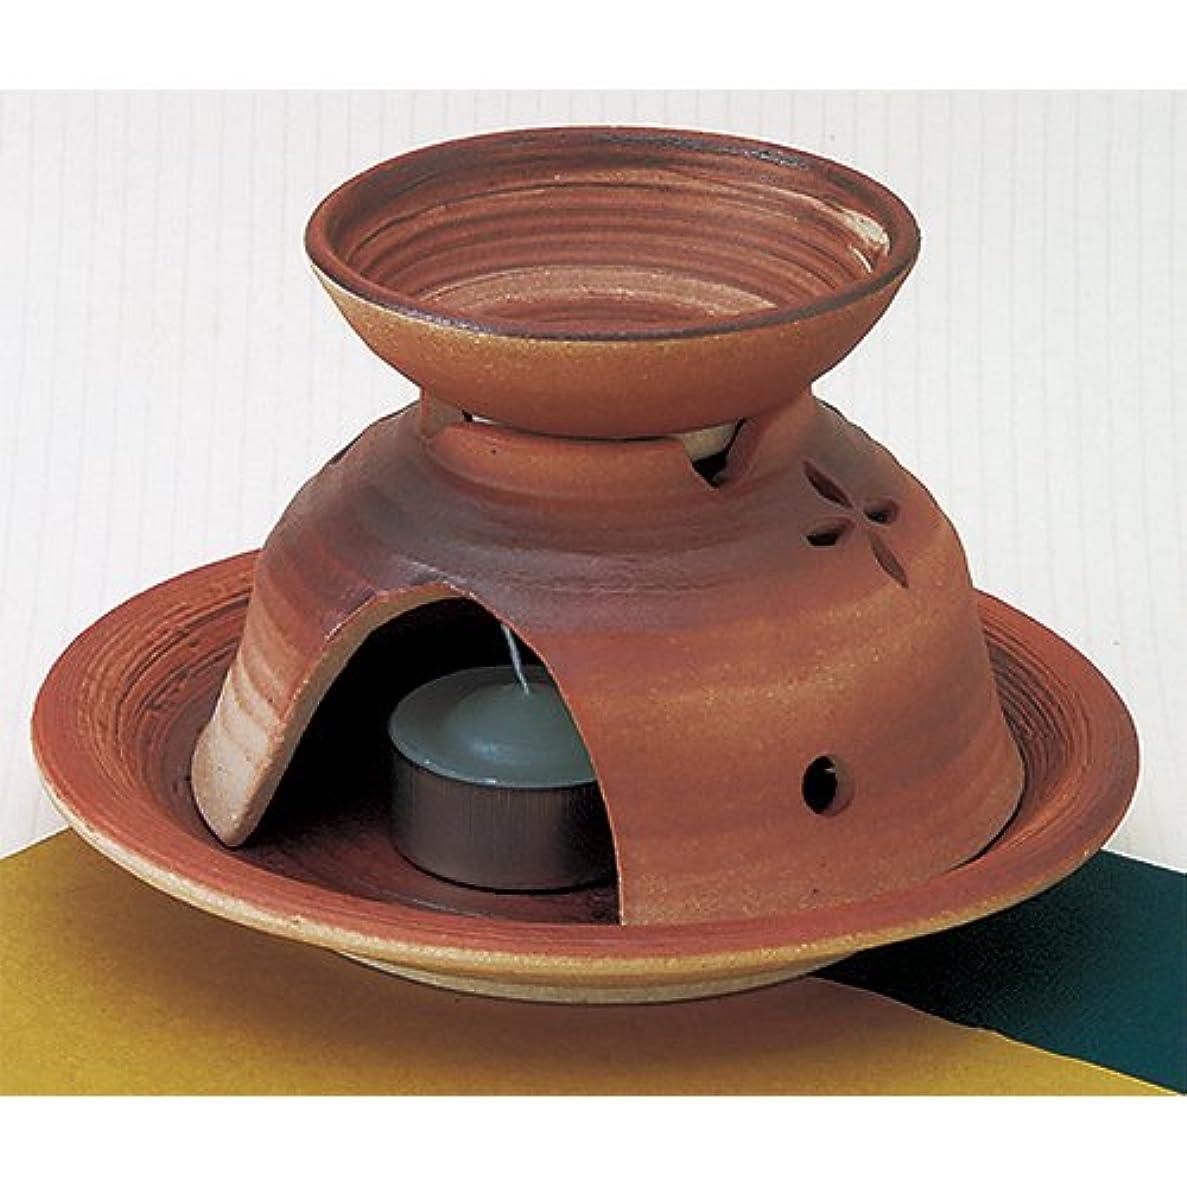 セメント王室かる香炉 花抜き 茶香炉 [R15xH9.5cm] HANDMADE プレゼント ギフト 和食器 かわいい インテリア